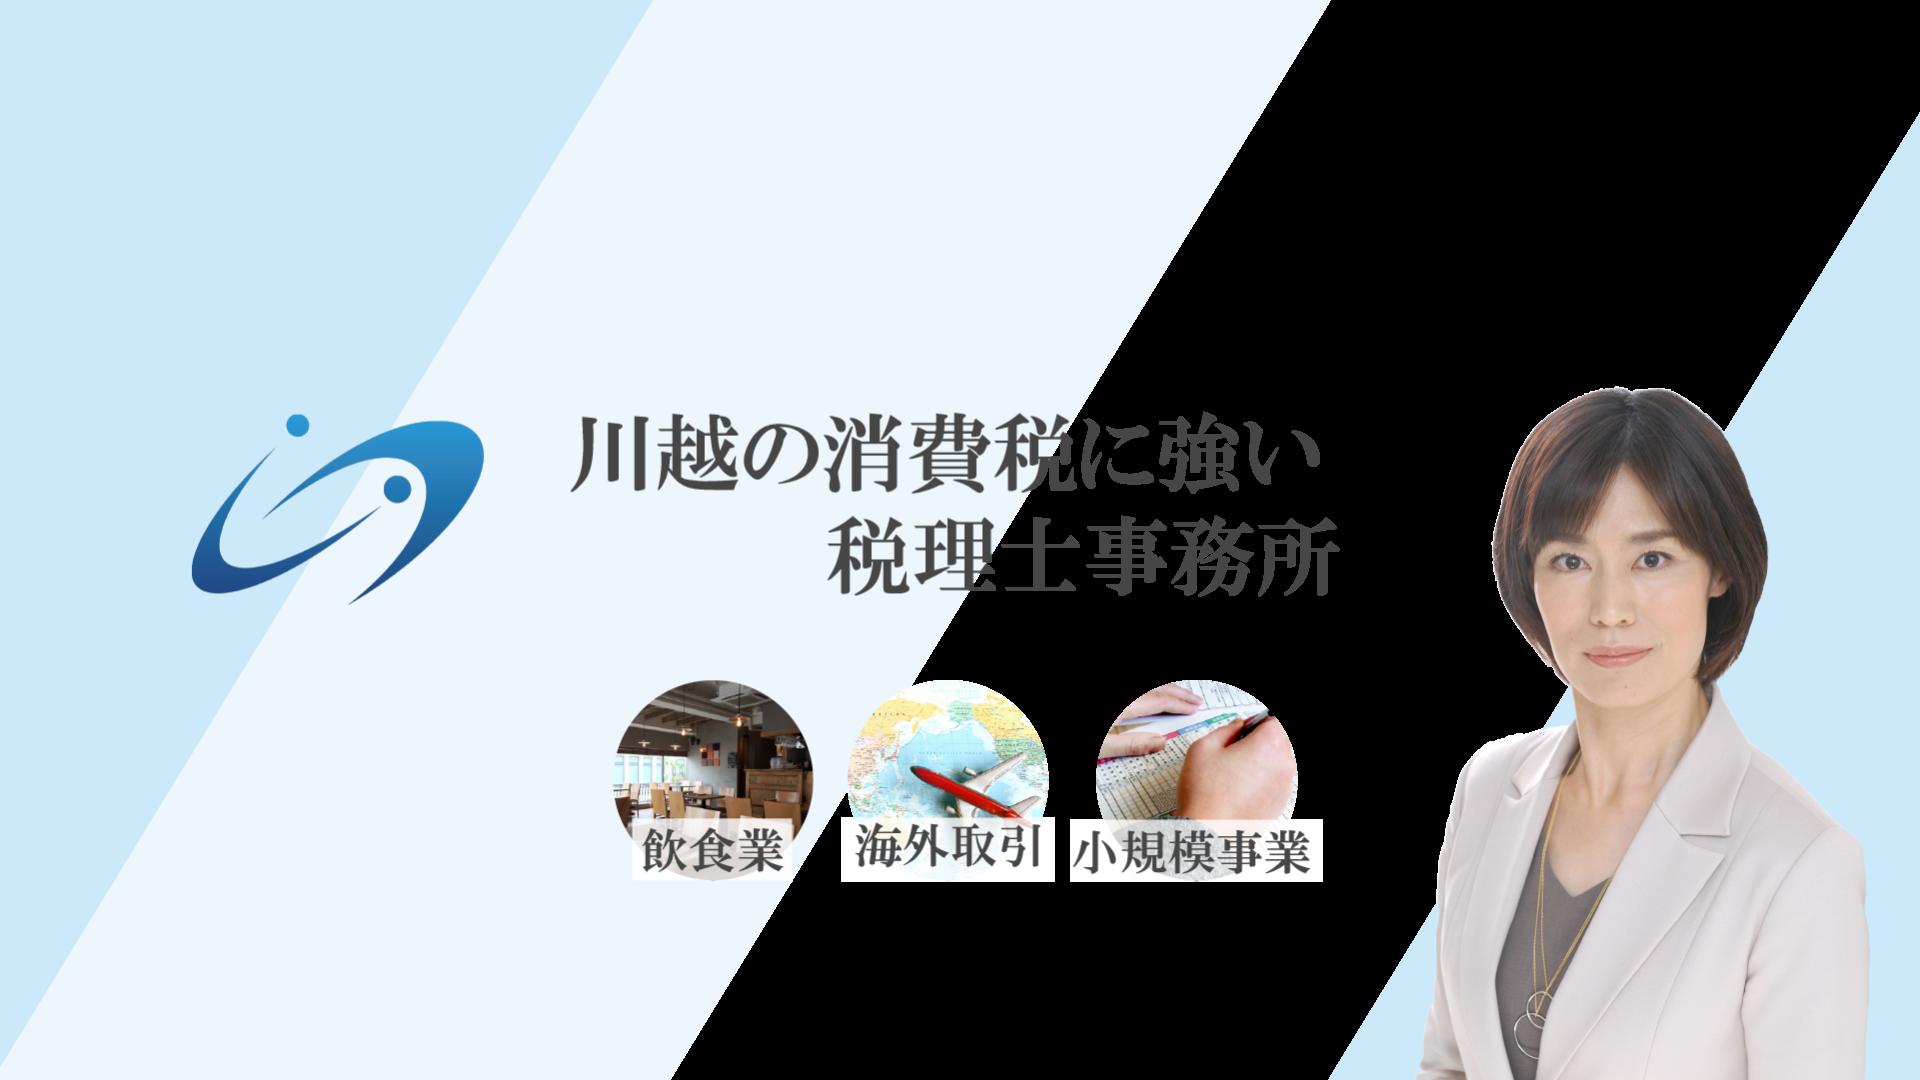 川越の消費税に強い税理士事務所~アスエミヲ 石川幸恵税理士事務所~